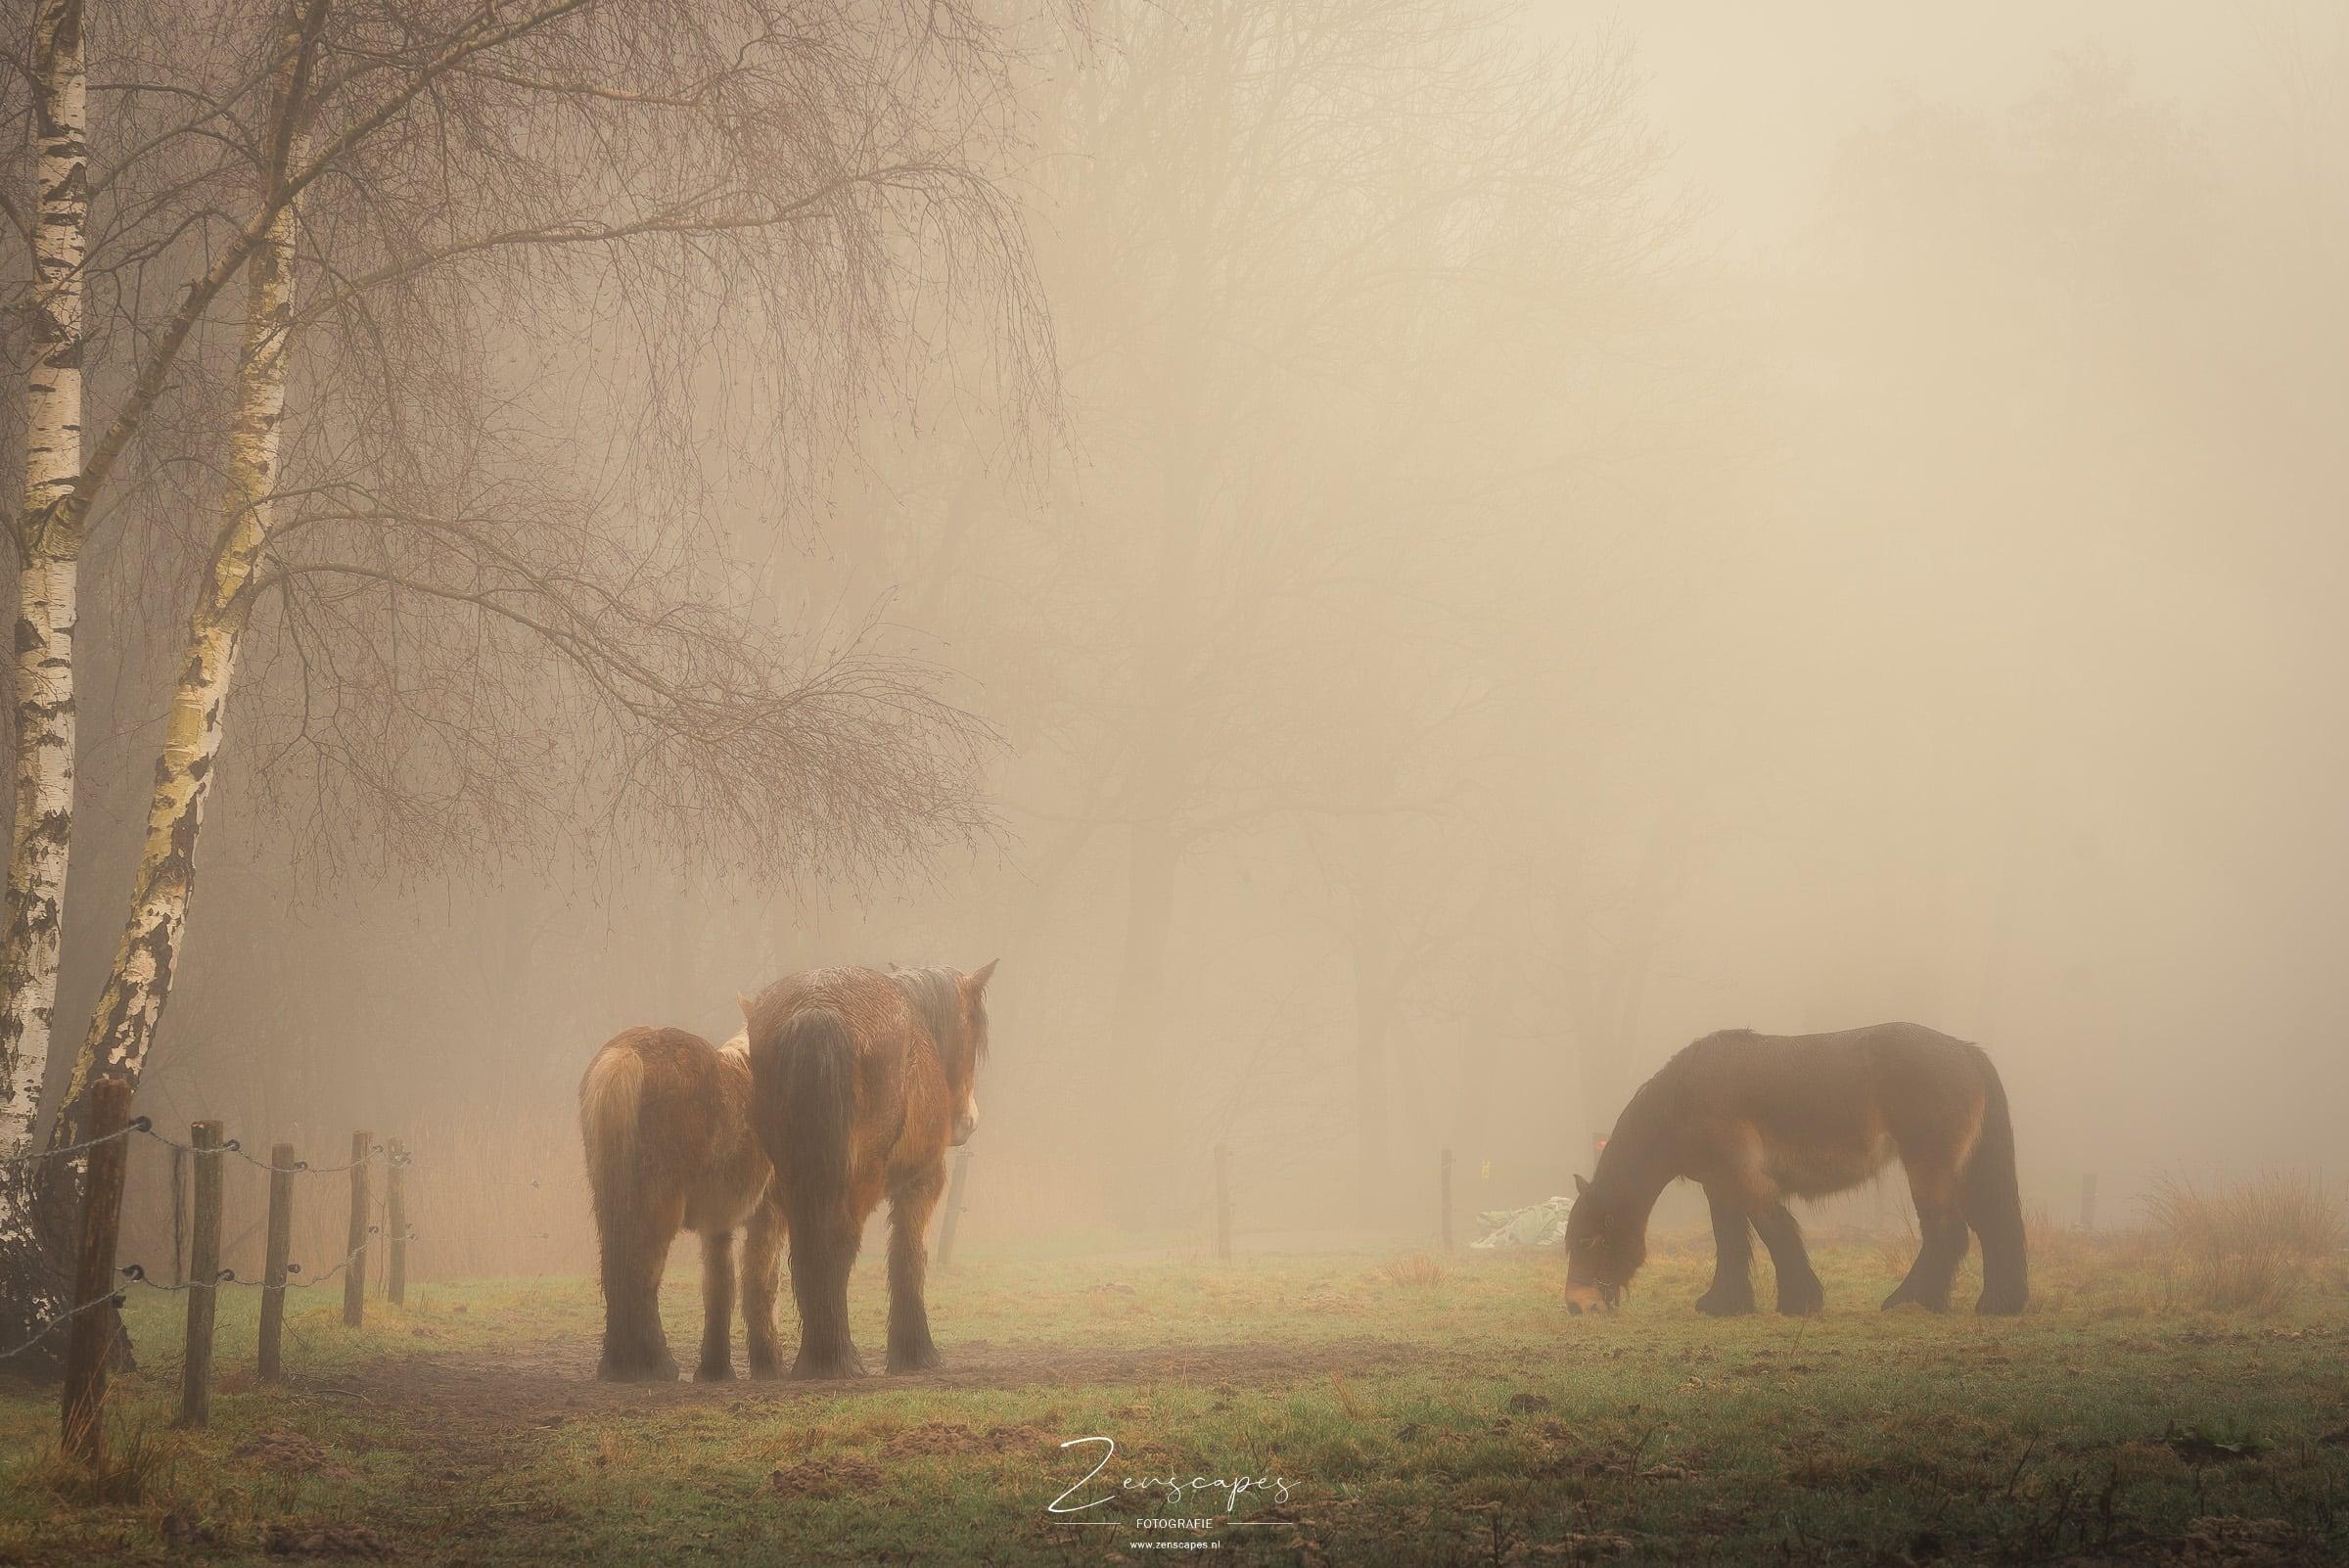 Paarden in de mist - Fotograferen in mistige omstandigheden